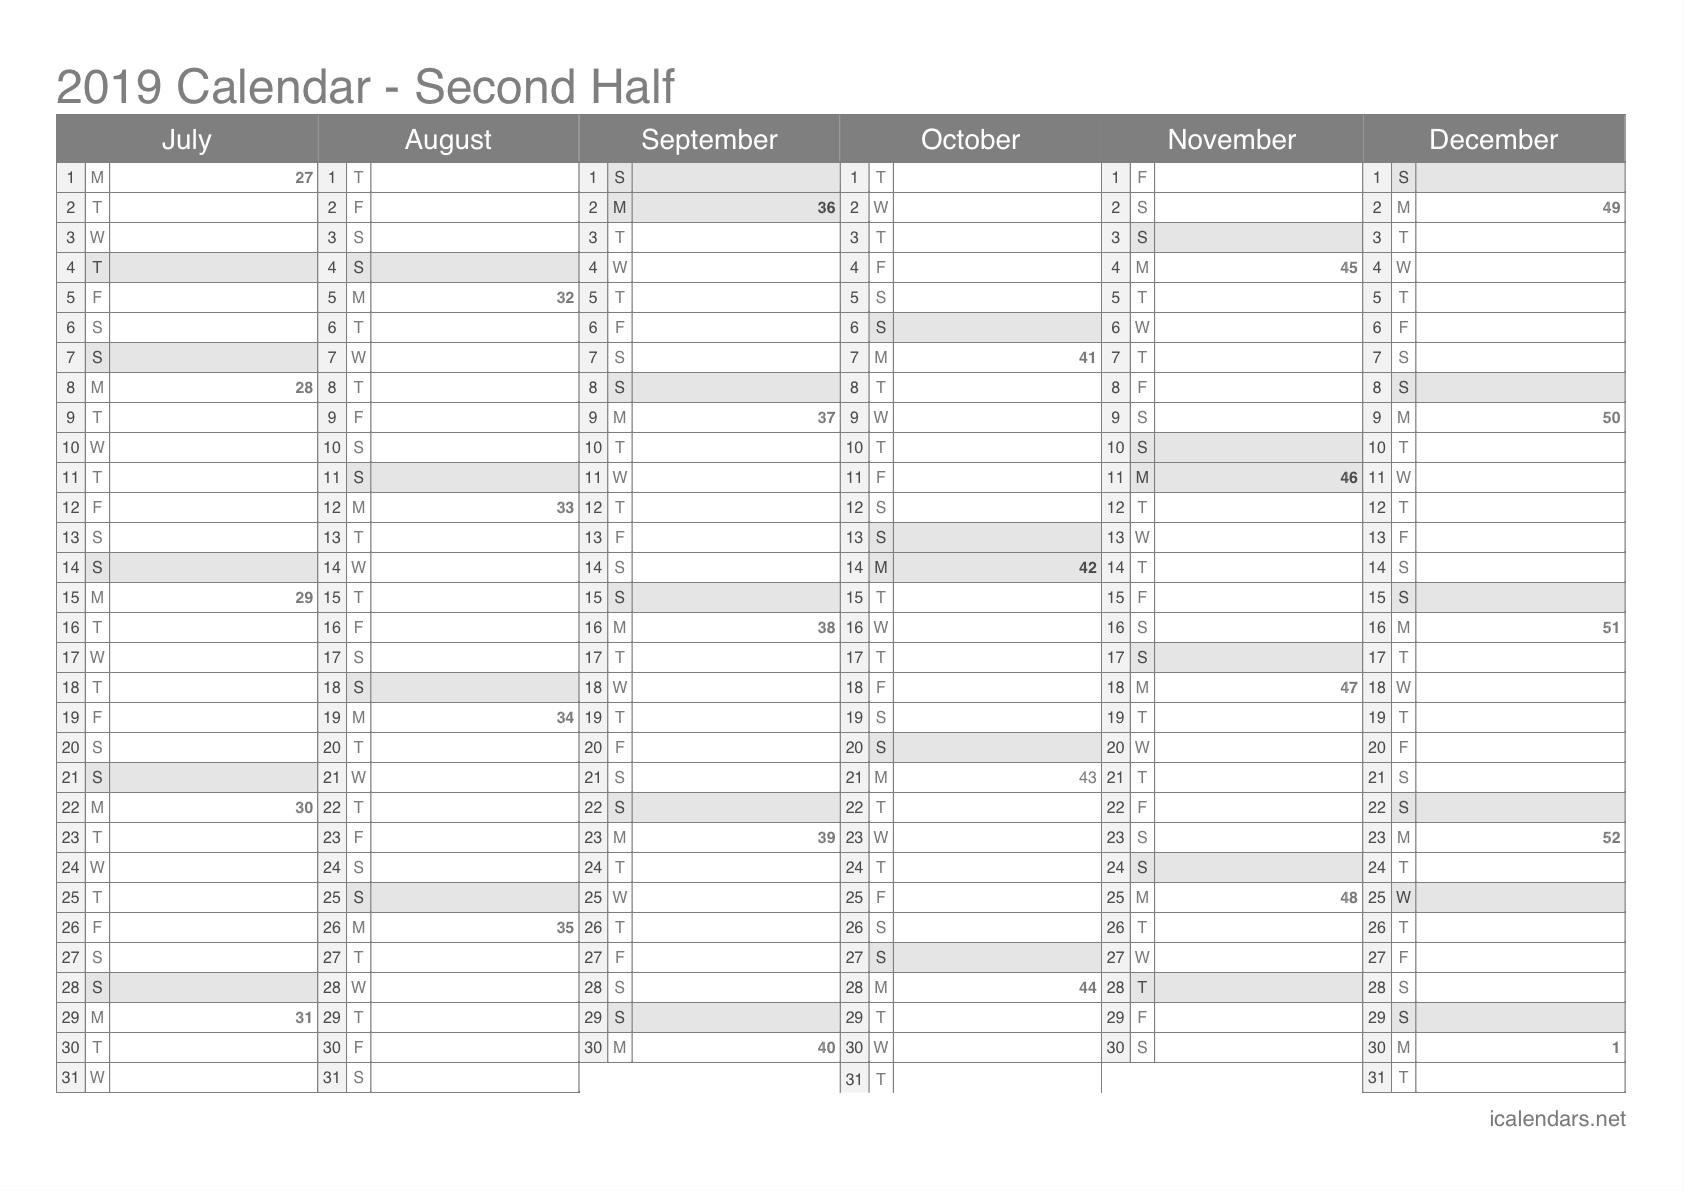 2019 Printable Calendar - Pdf Or Excel - Icalendars regarding Week Of The Year Number Calendar